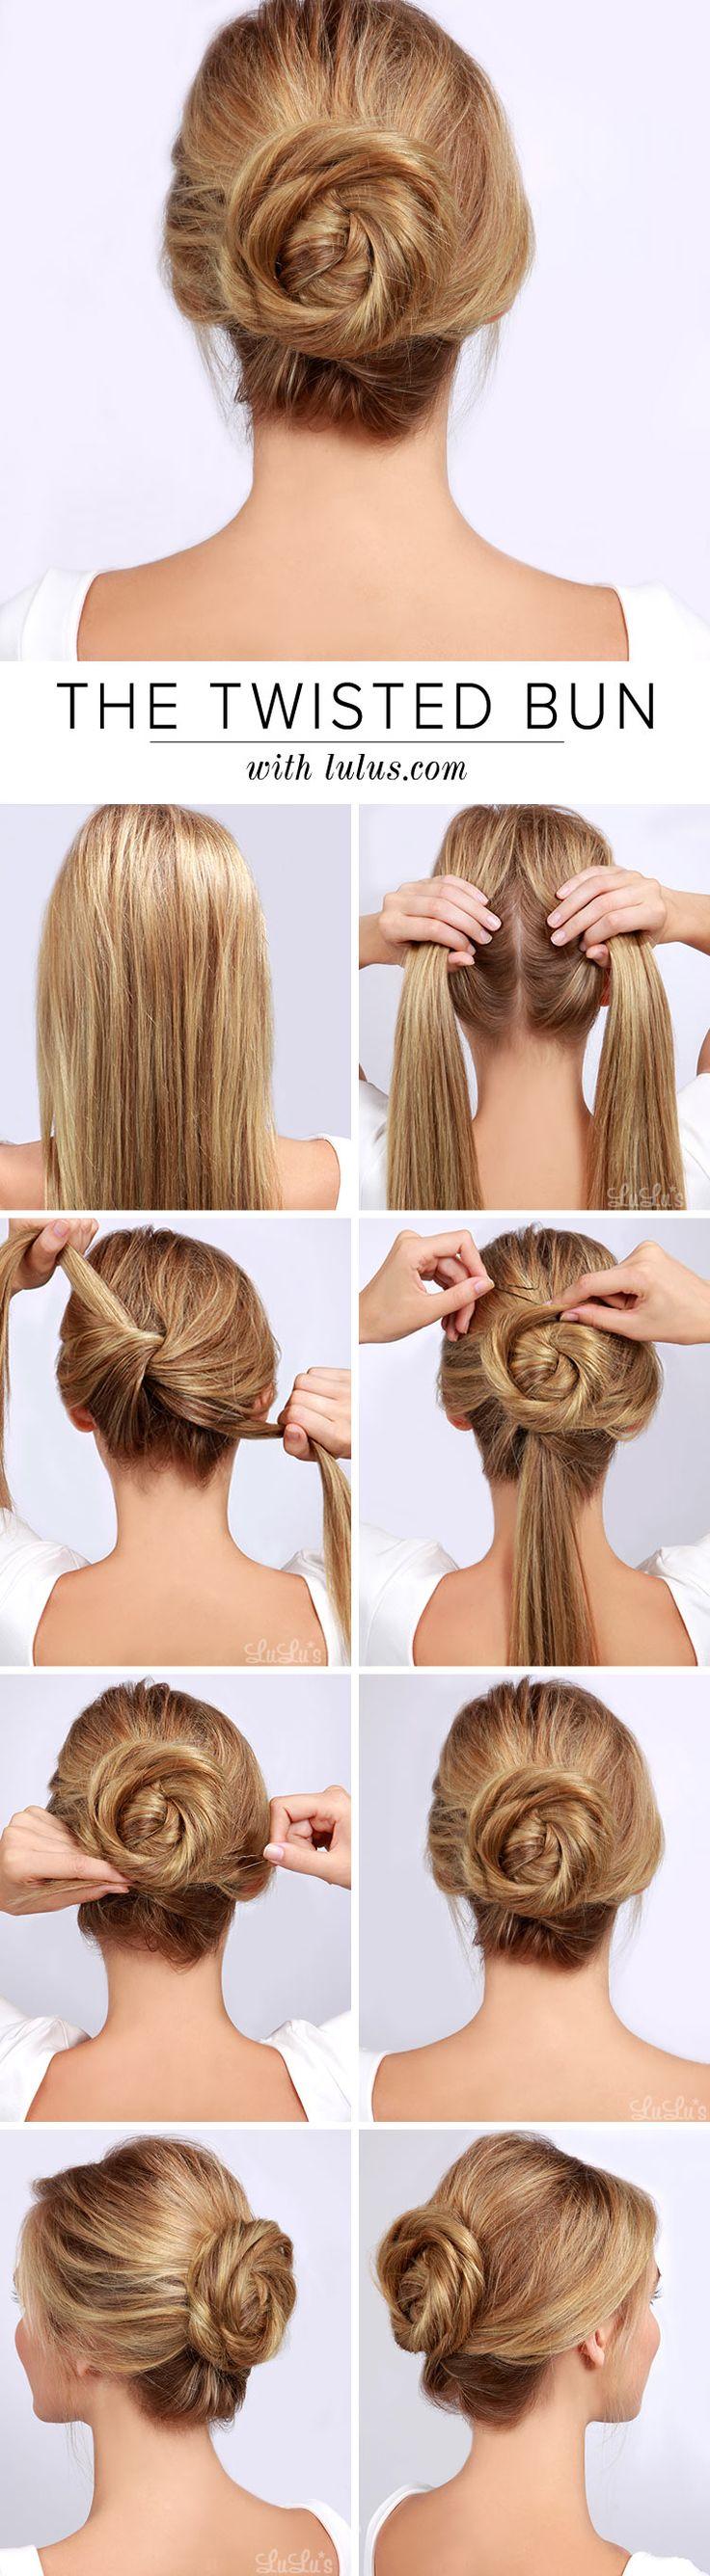 288 best hair images on Pinterest